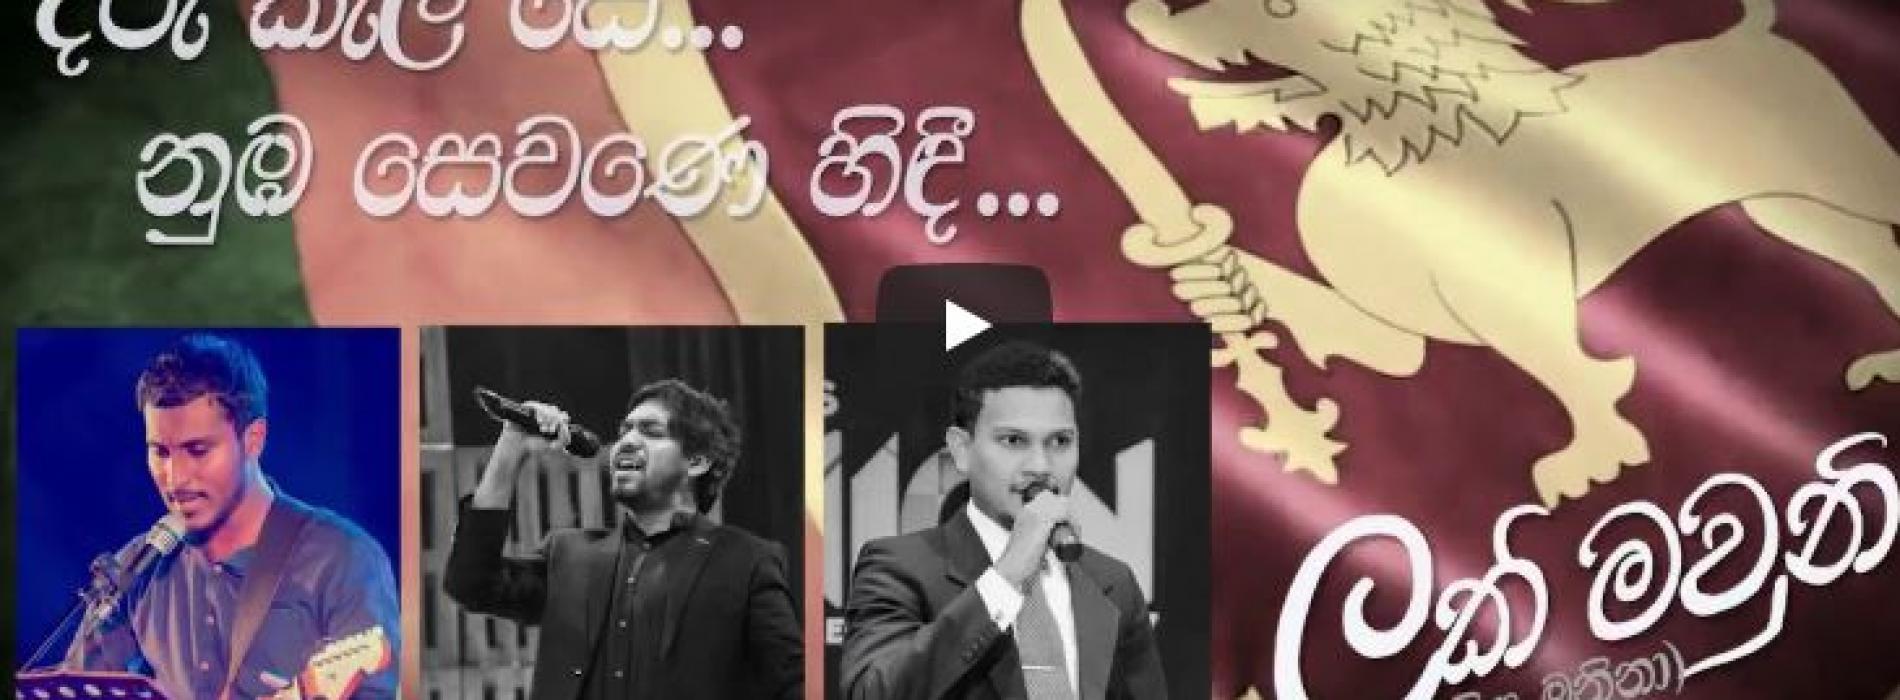 U Ranga Weerasekara Ft Ridma Weerawardena, Fawaz Razeek – Lakmauni (ලක්මවුනි) (Lyric Video)